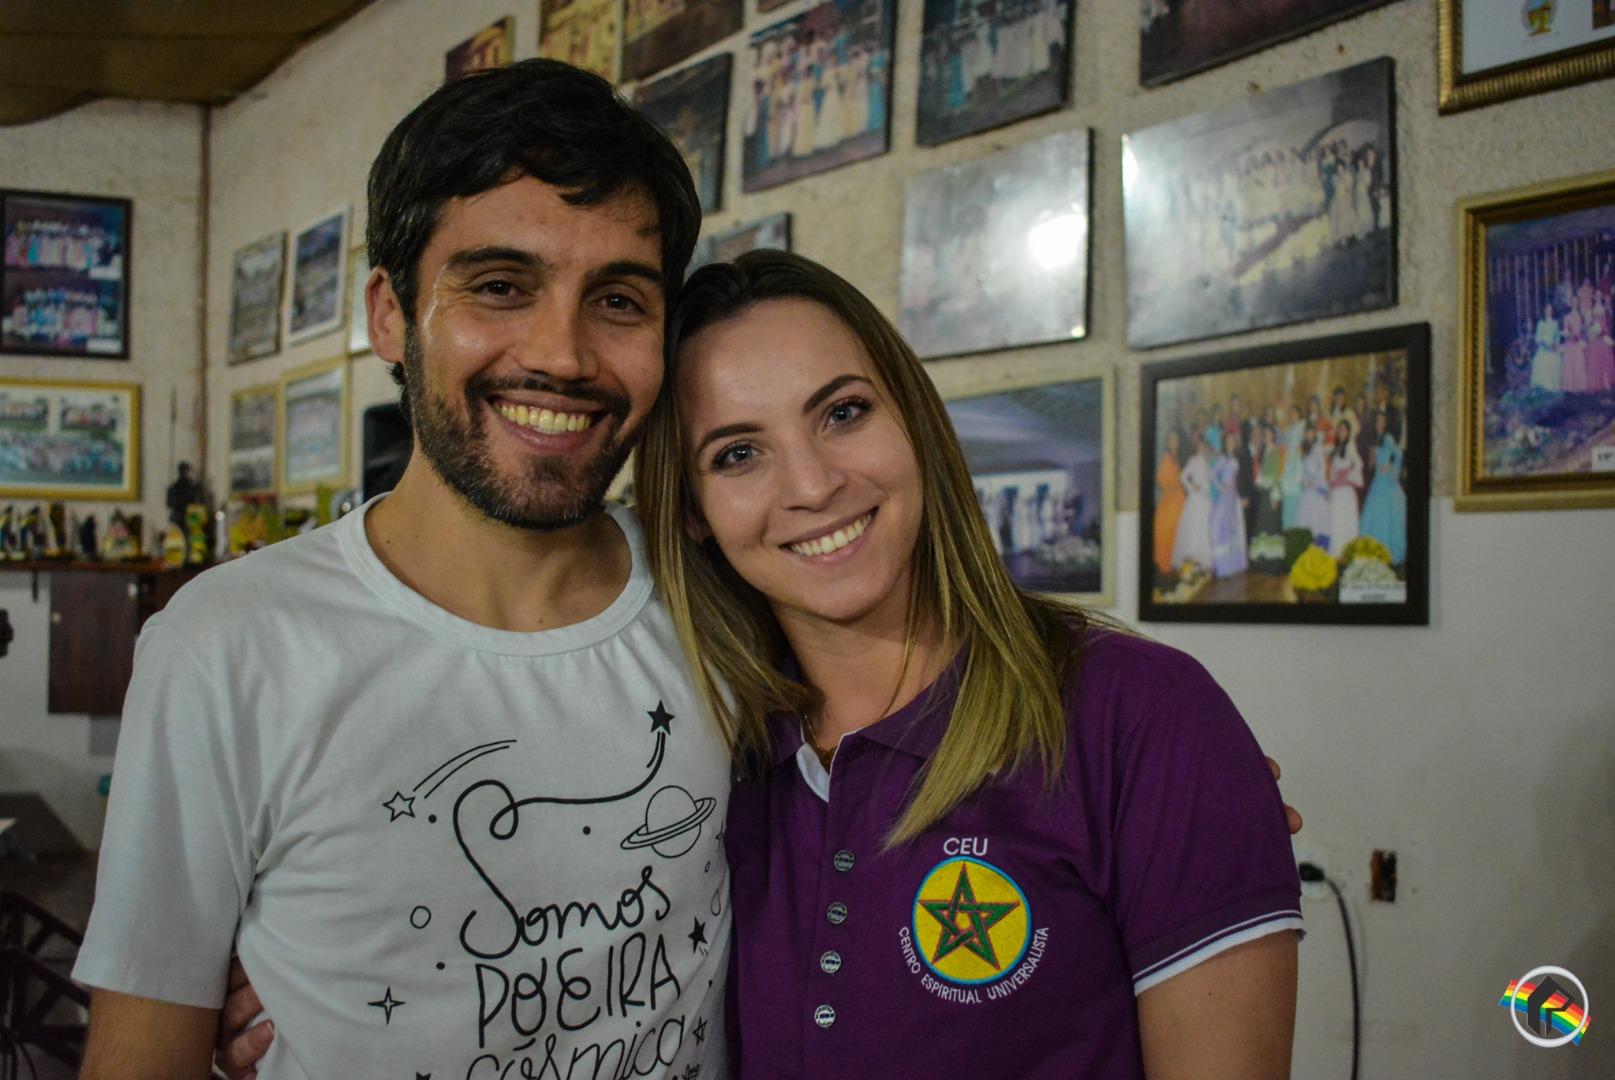 Palestra com Thiago Berto lota o CTG Porteira Aberta